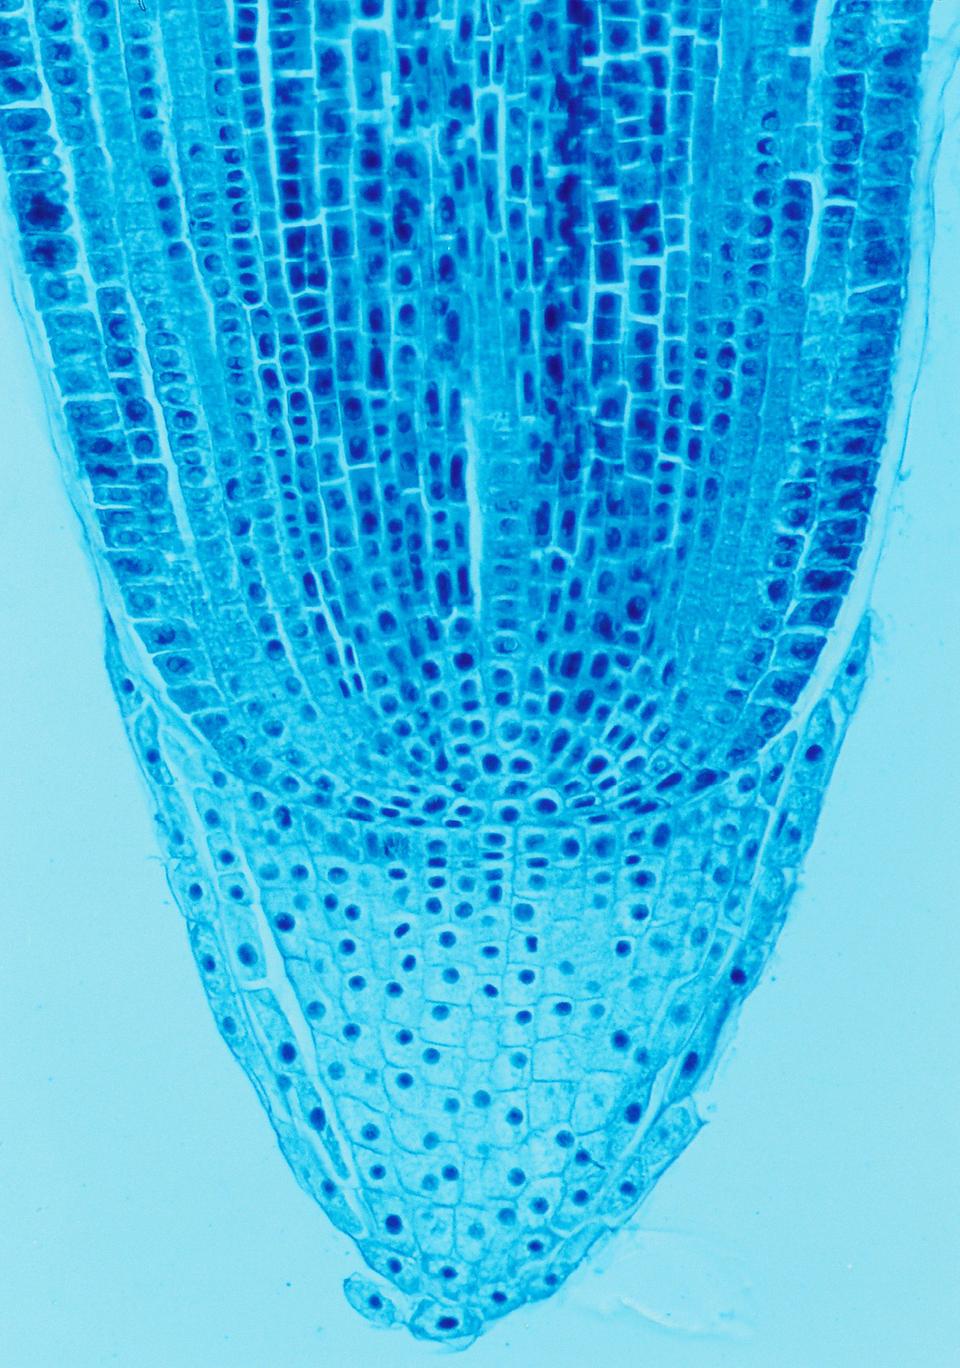 Mikrofotografia pokazuje tkanki szczytu korzenia wprzekroju podłużnym. Komórki cienkościenne, odużych jądrach.